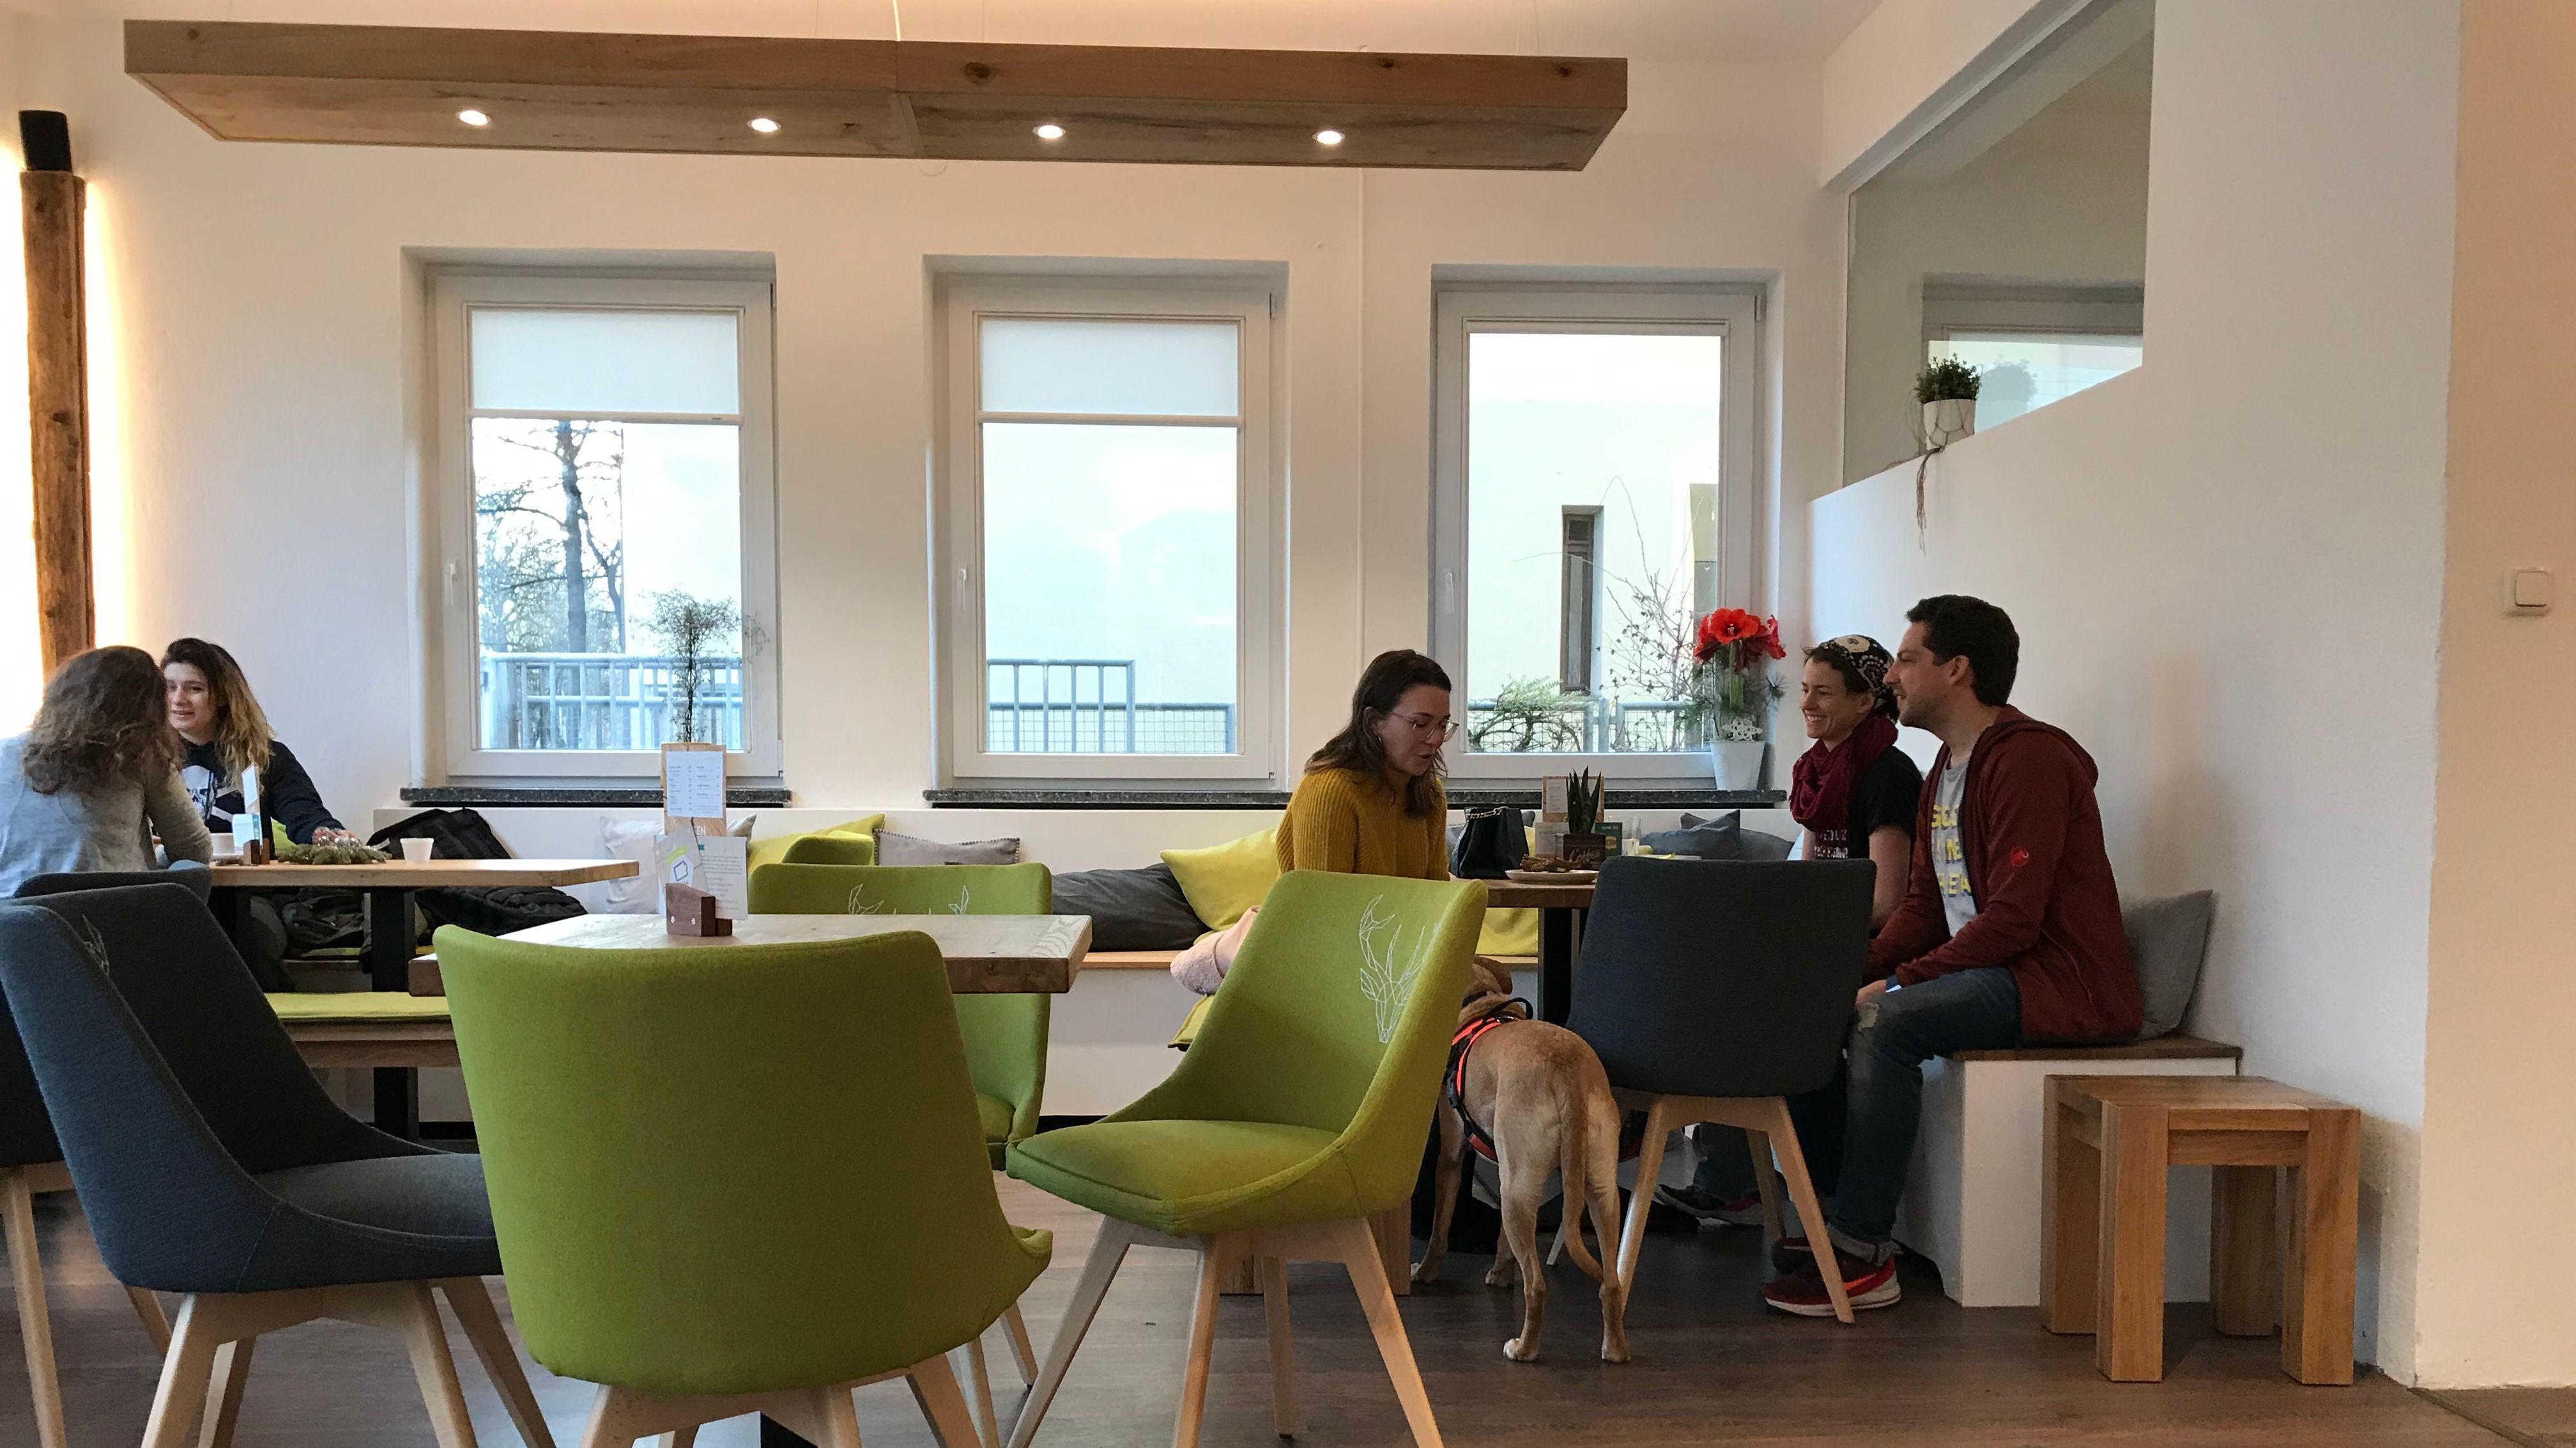 Das Café von Innen. Grüne Stühle, viel Holz, und eine ruhige Atmosphäre.